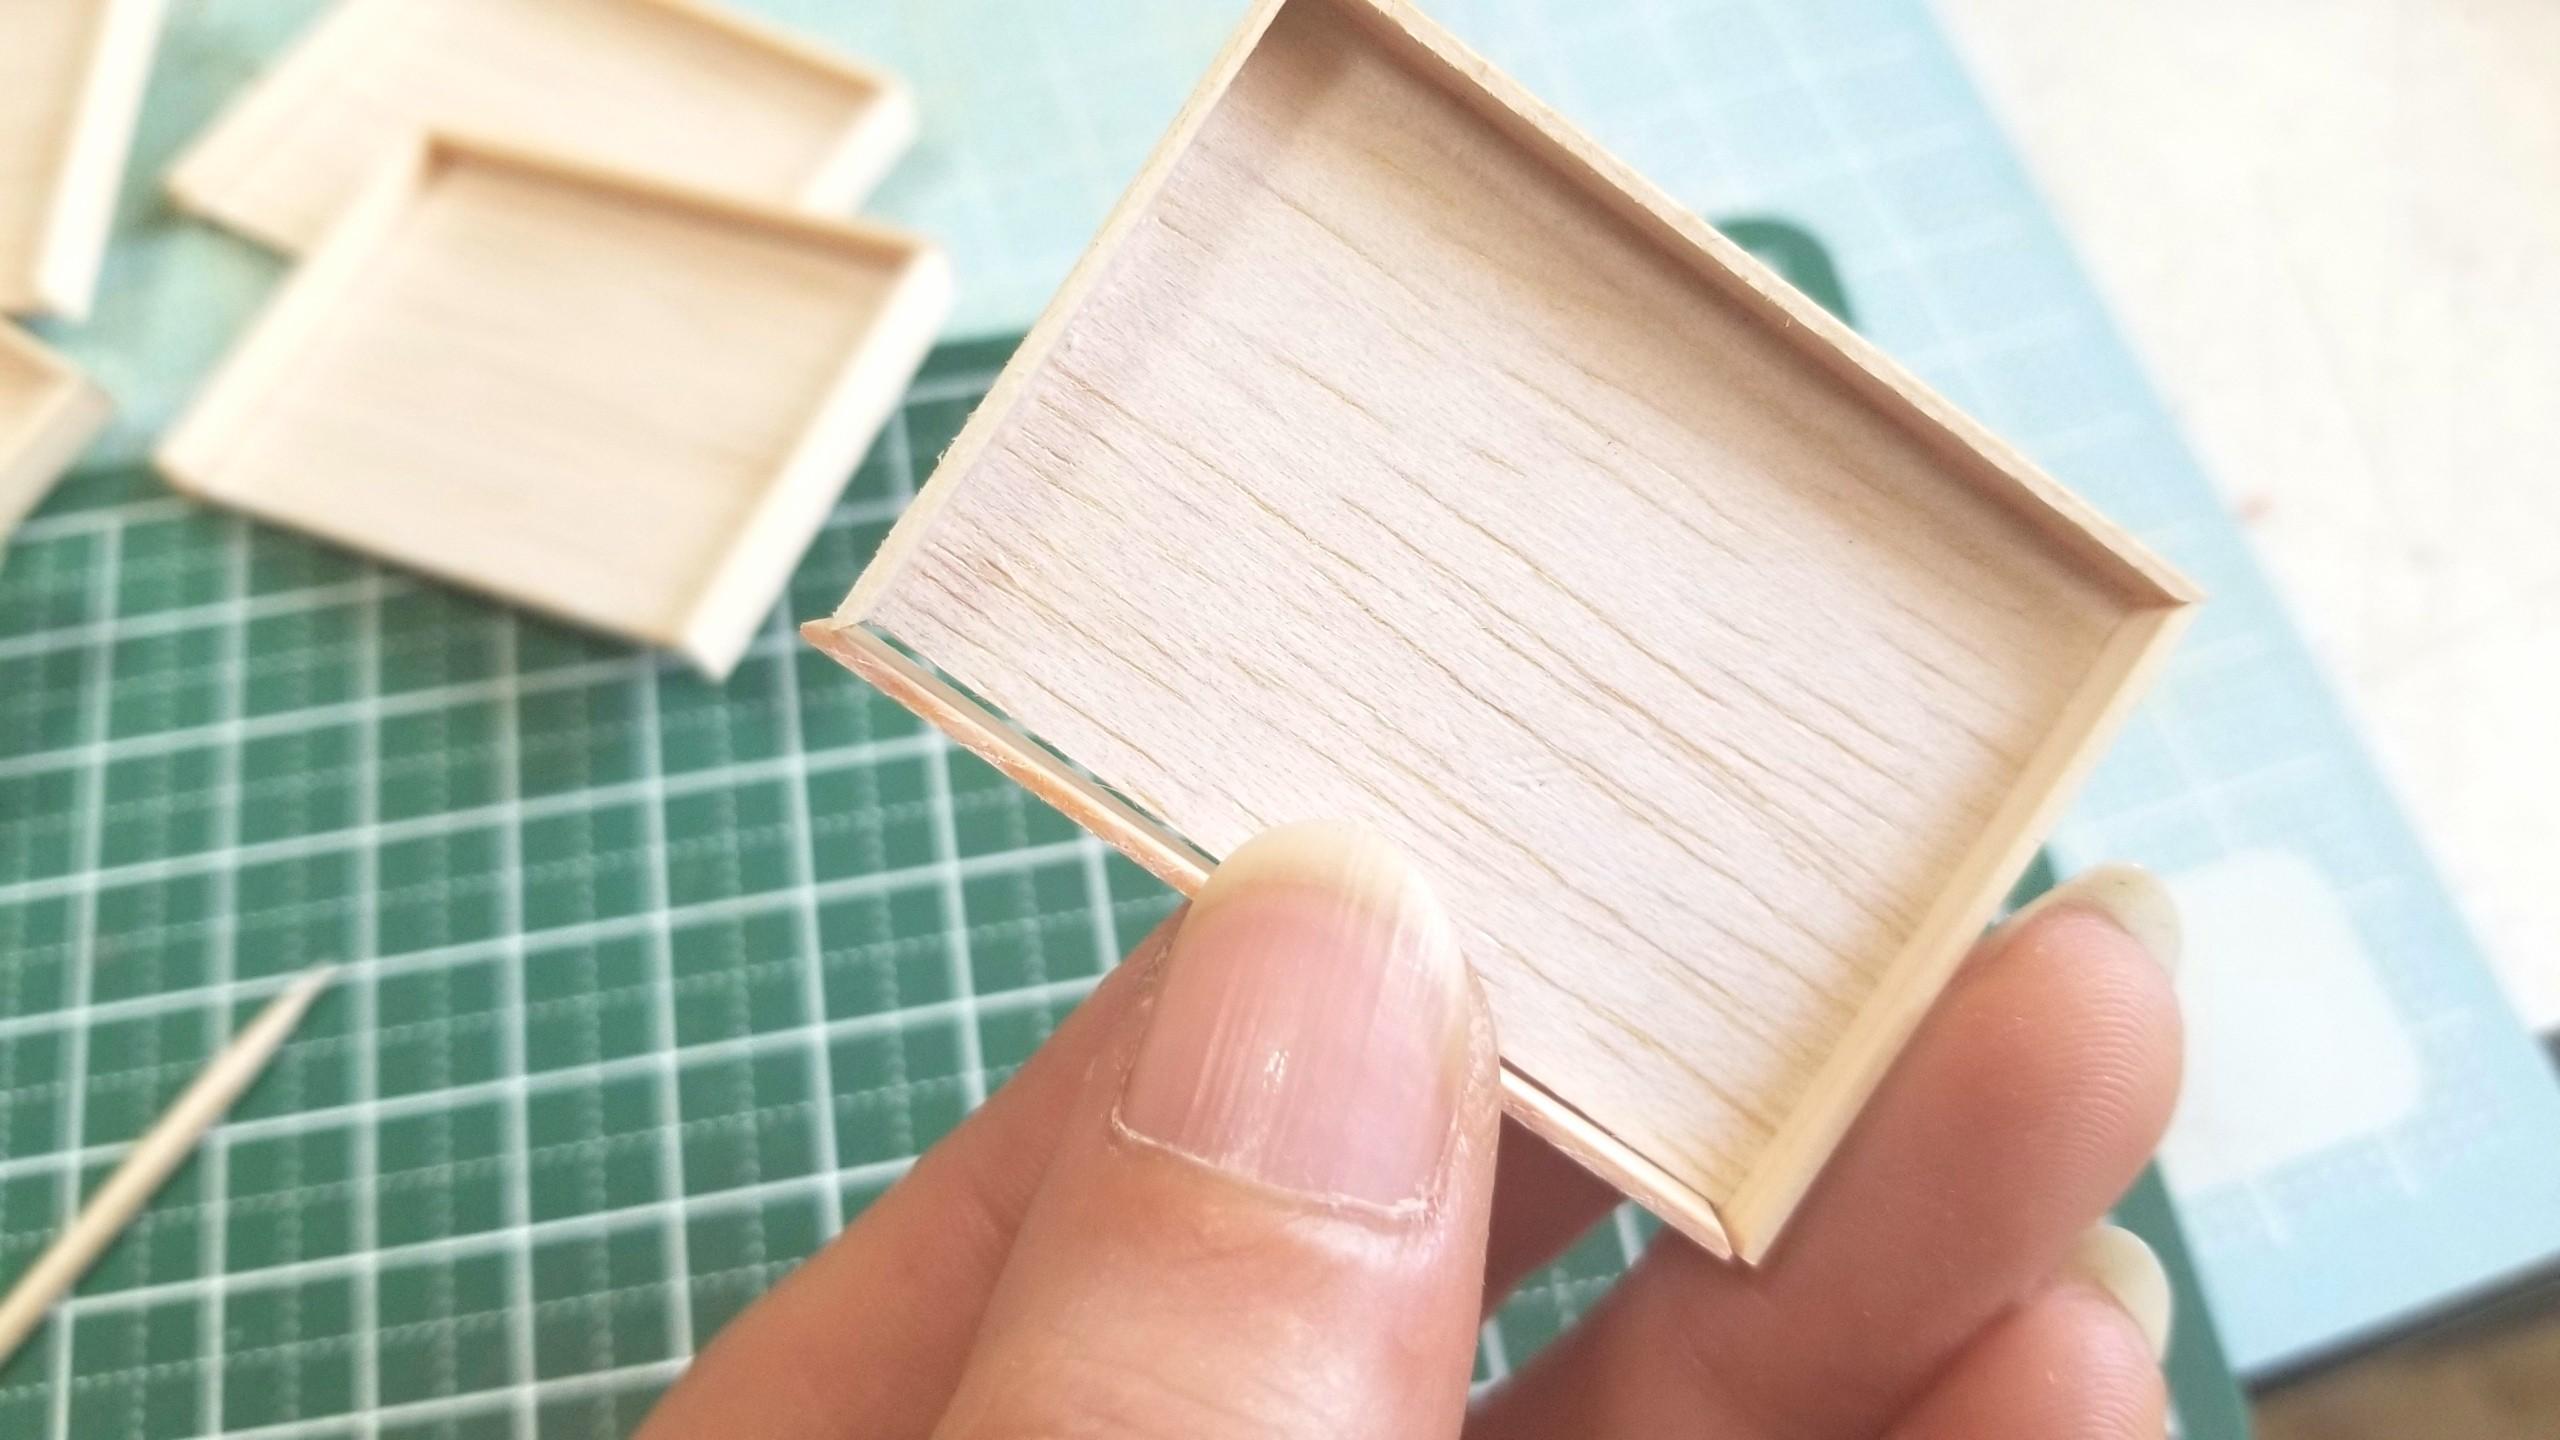 おぼん,作り方,ミニチュアフード,ひのき,木工作業,留め切り,ヤスリ